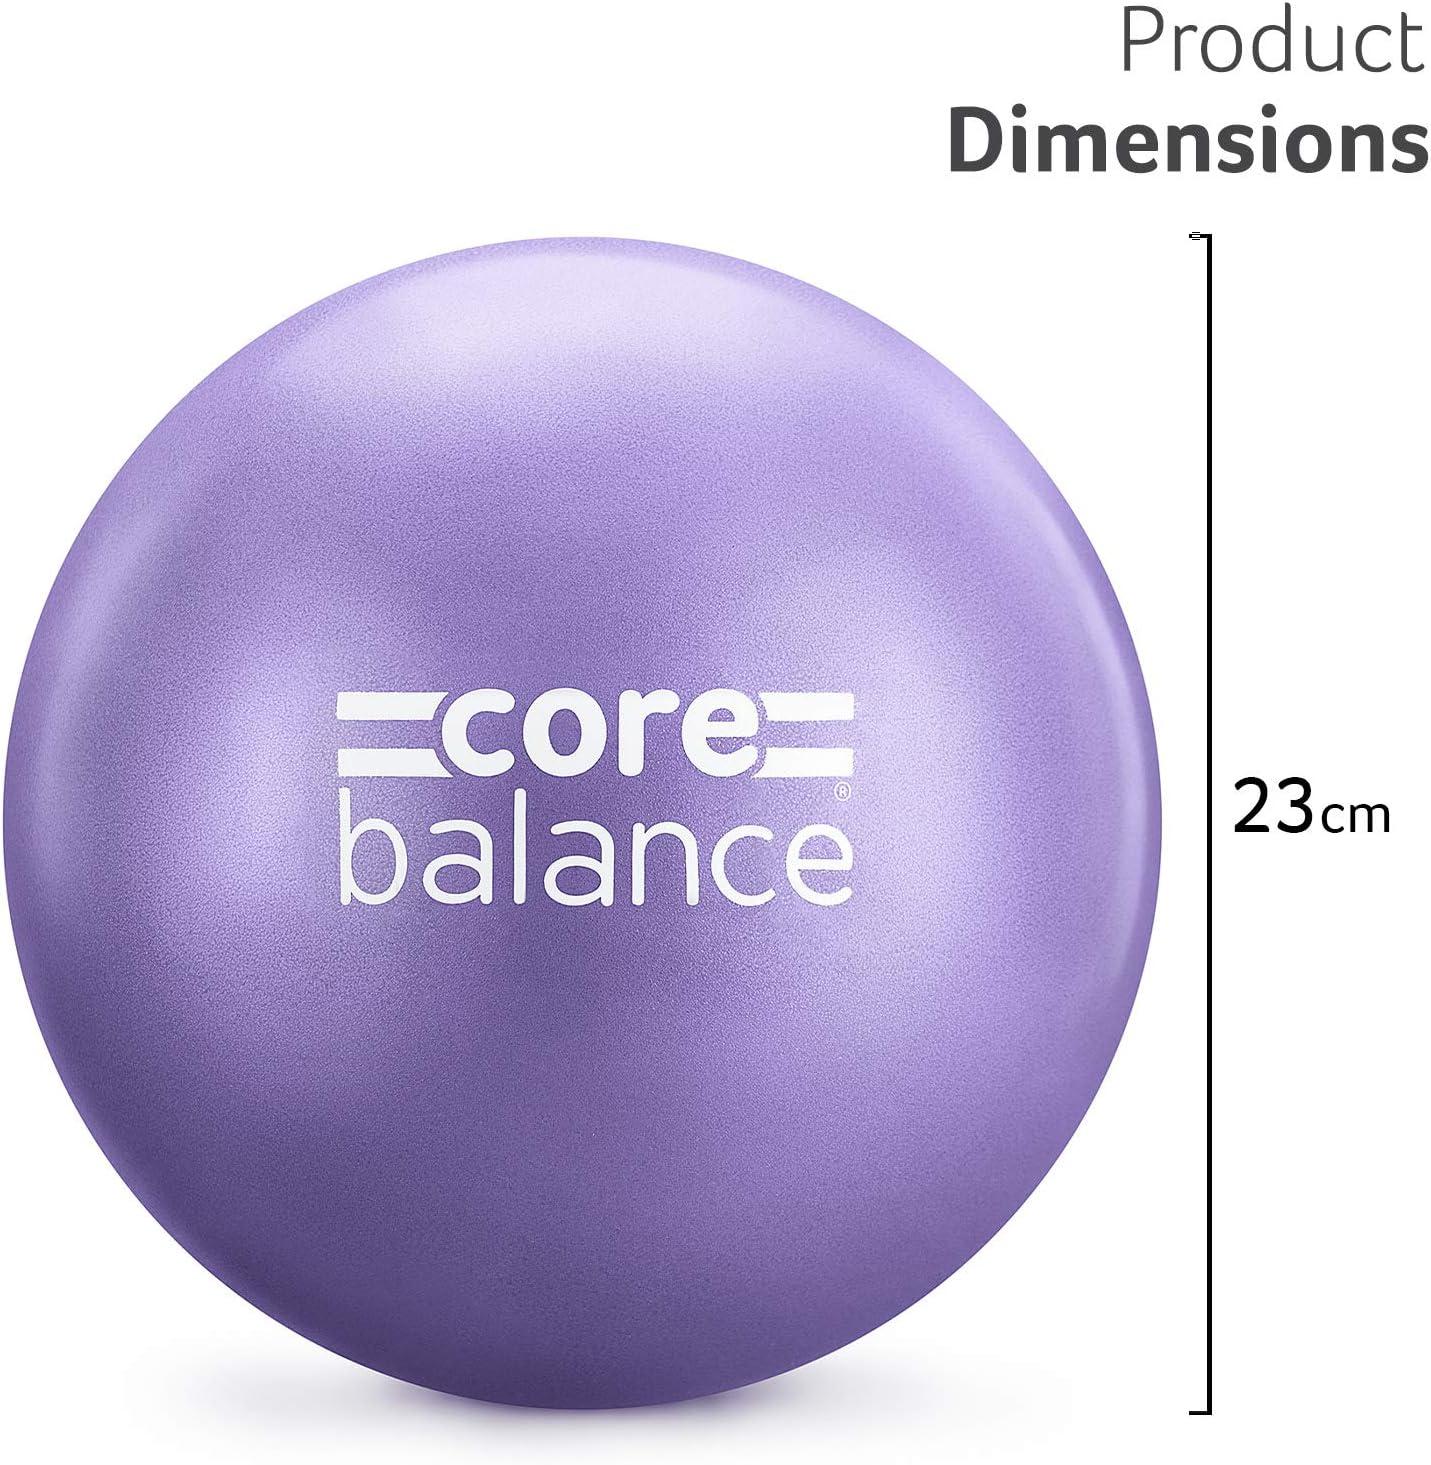 Core Balance 23 cm Pelota de pilates peque/ña